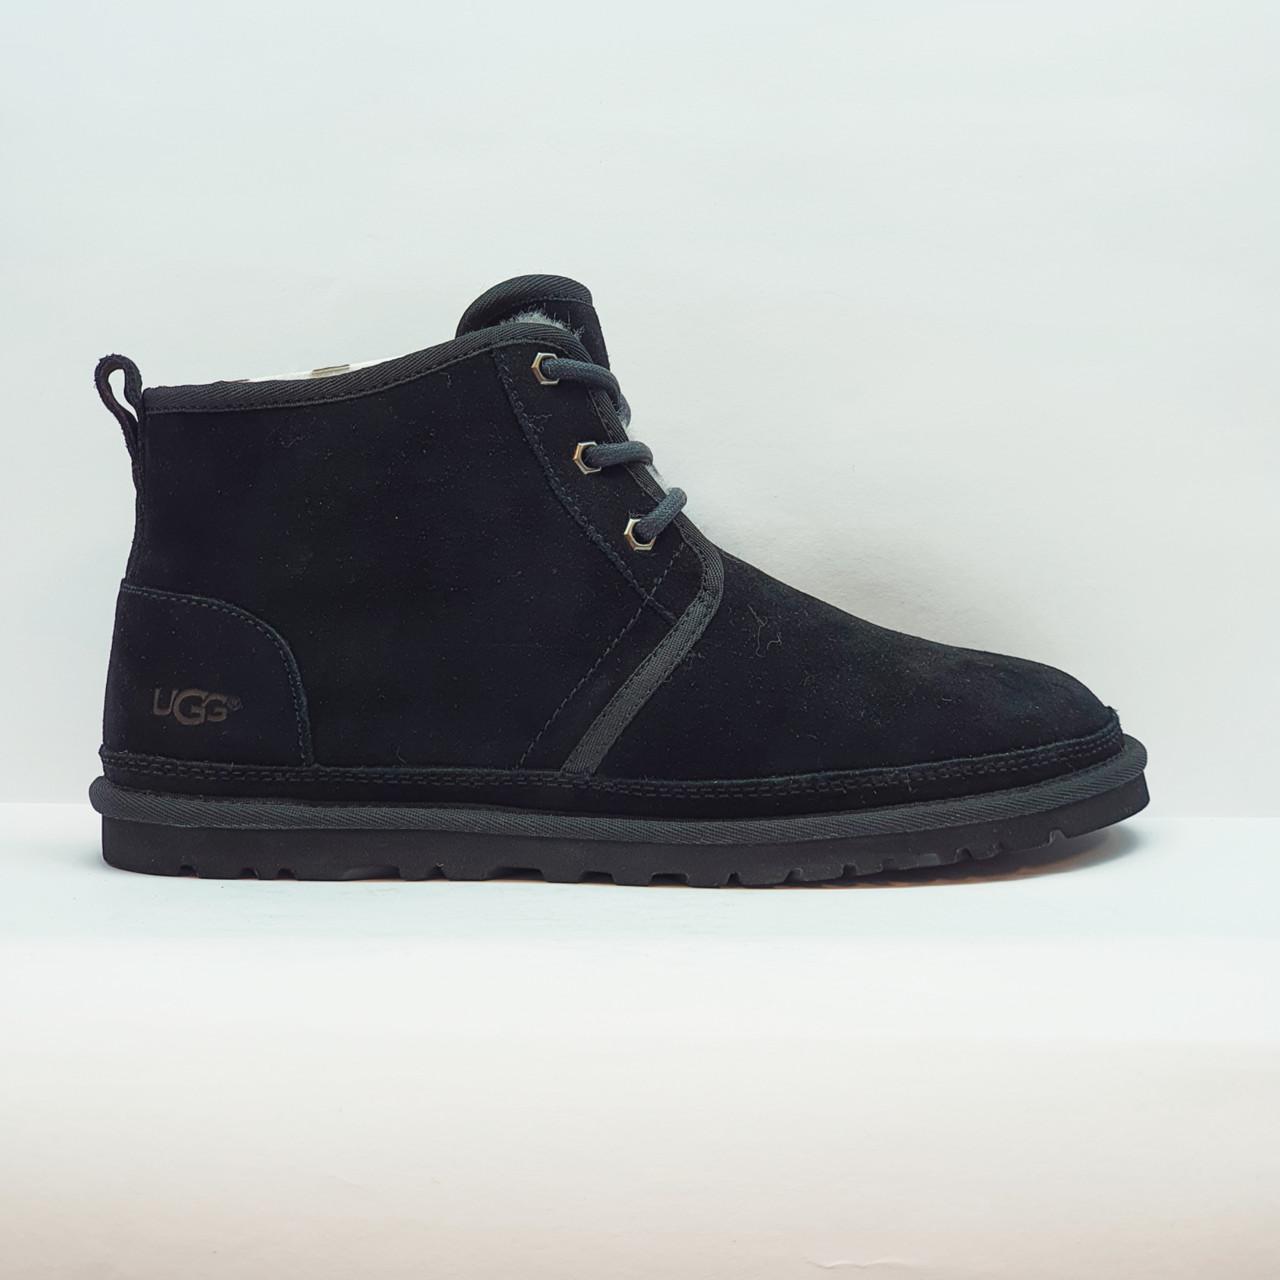 Угги, ботинки зимние мужские повседневные из натуральной замши и овчины черные 42